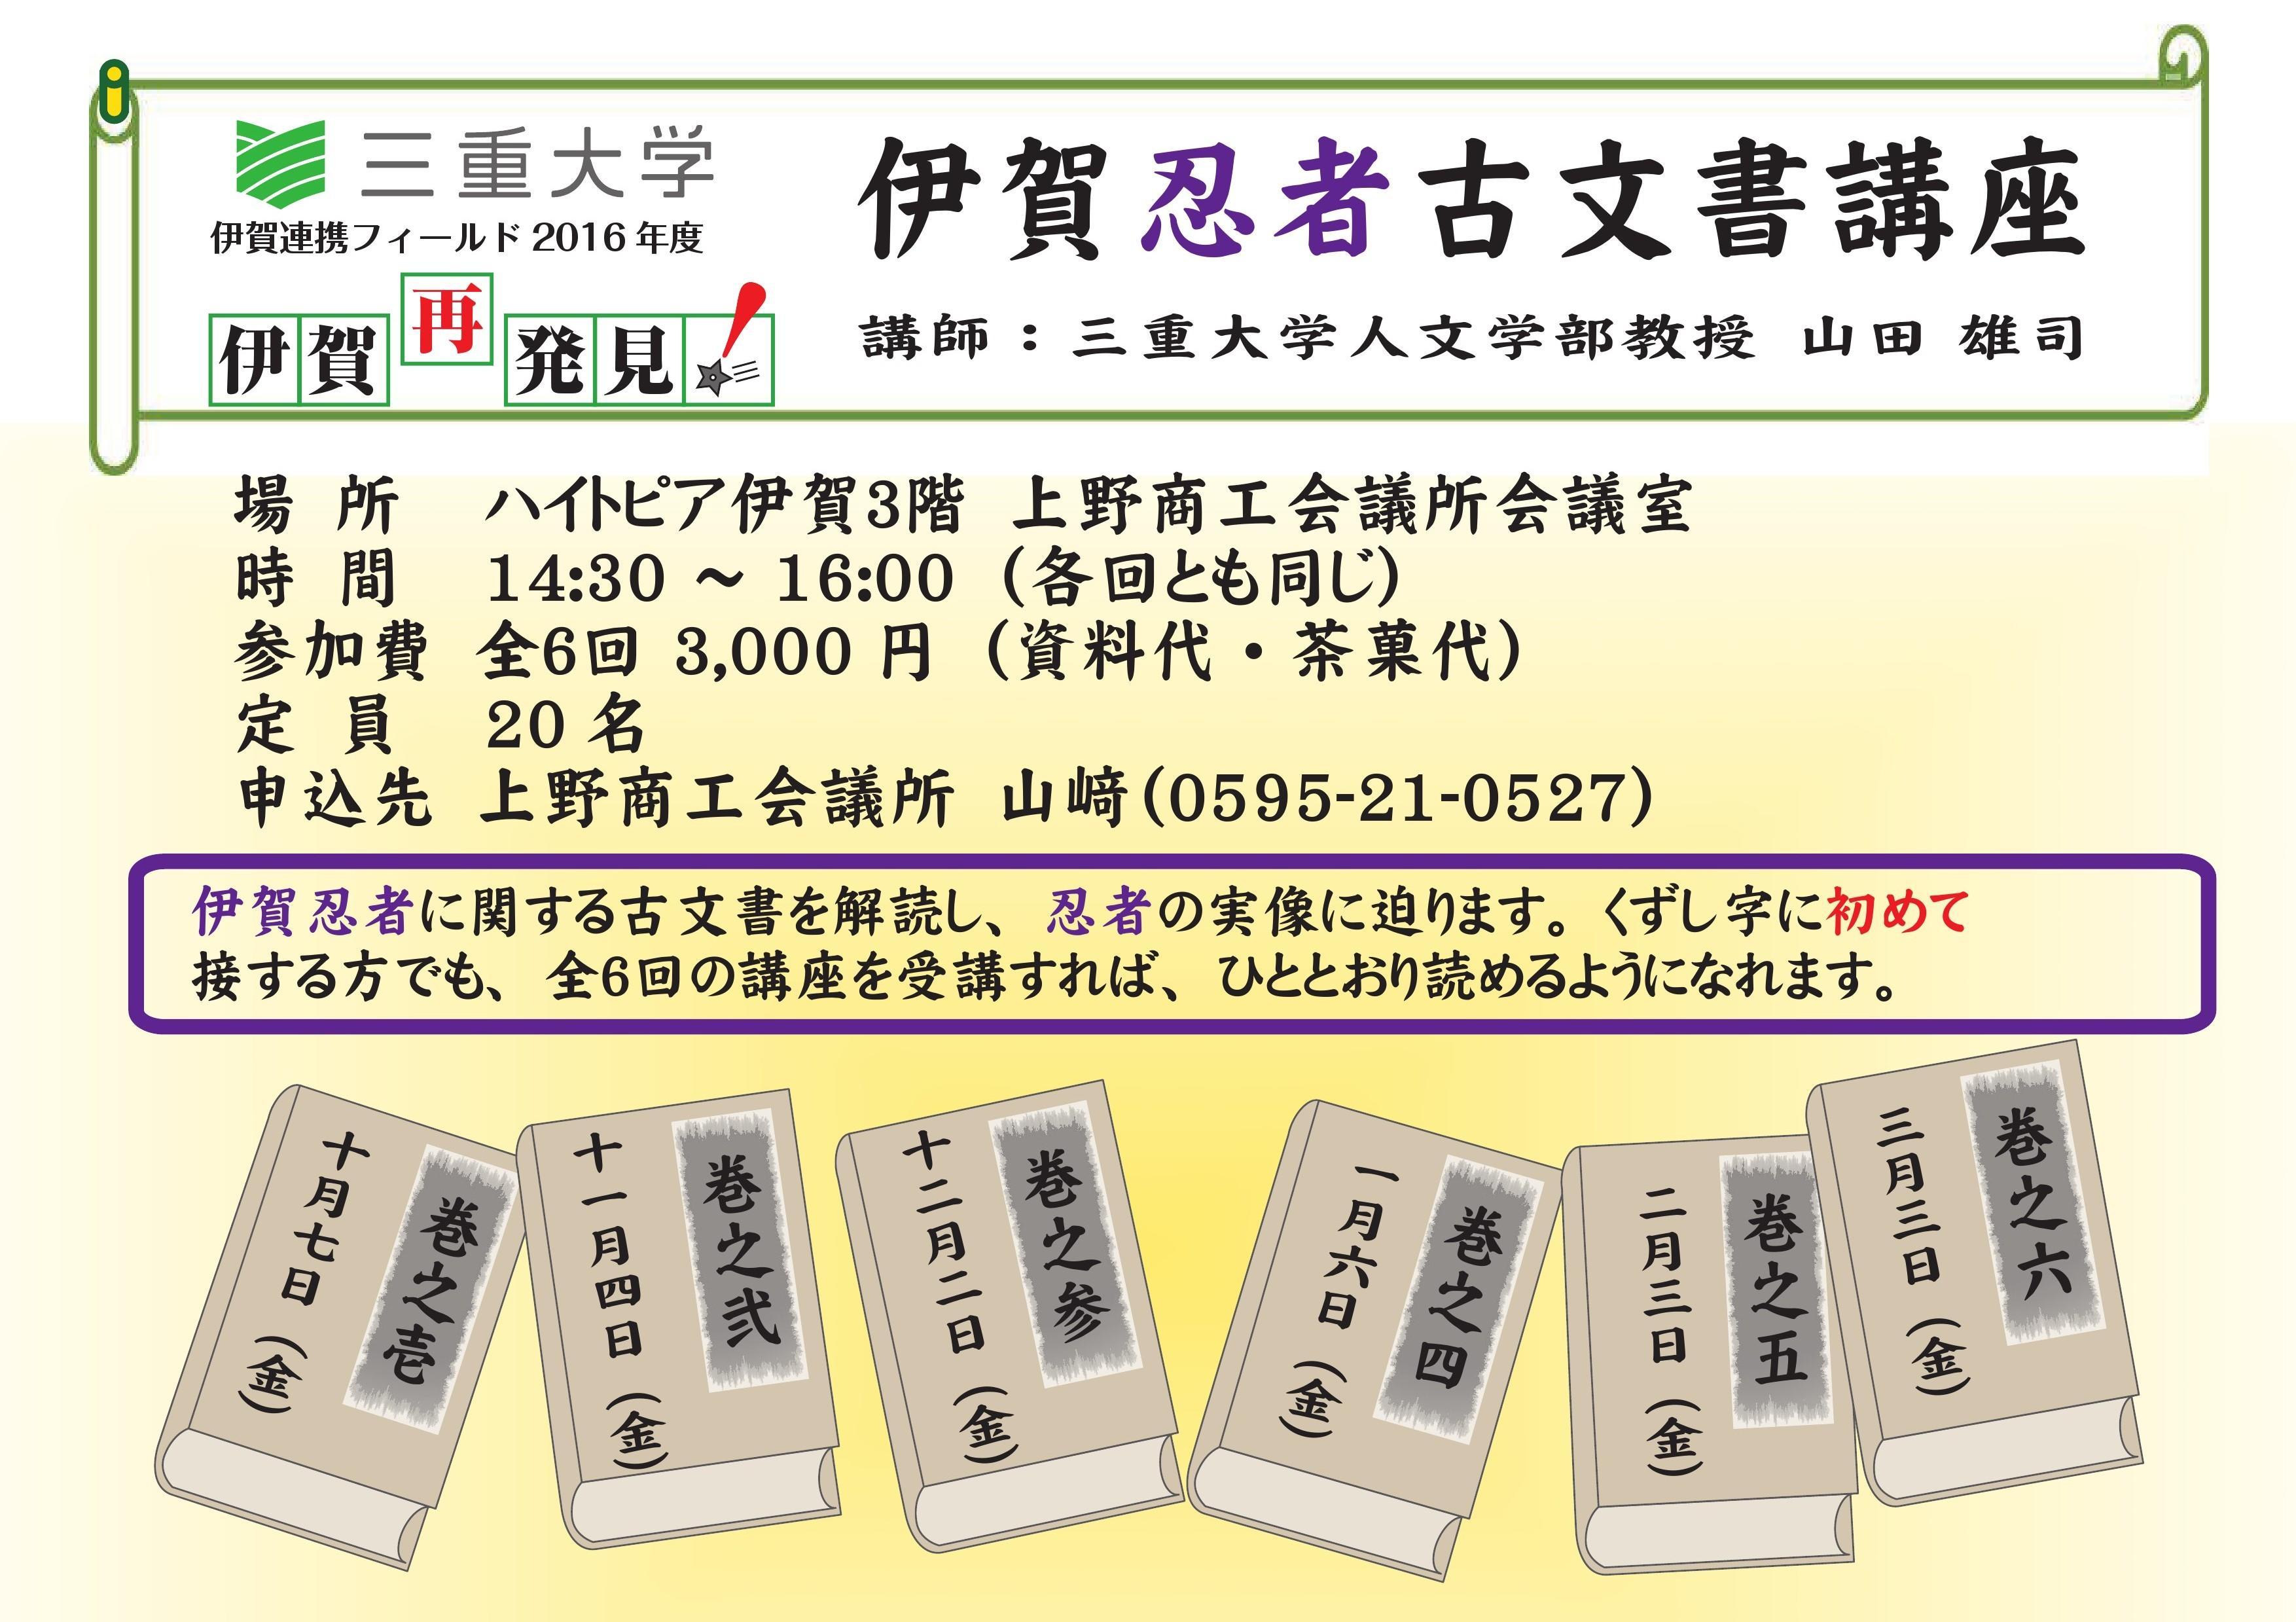 伊賀連携フィールド2016年度 講座チラシ_PAGE0001.jpg